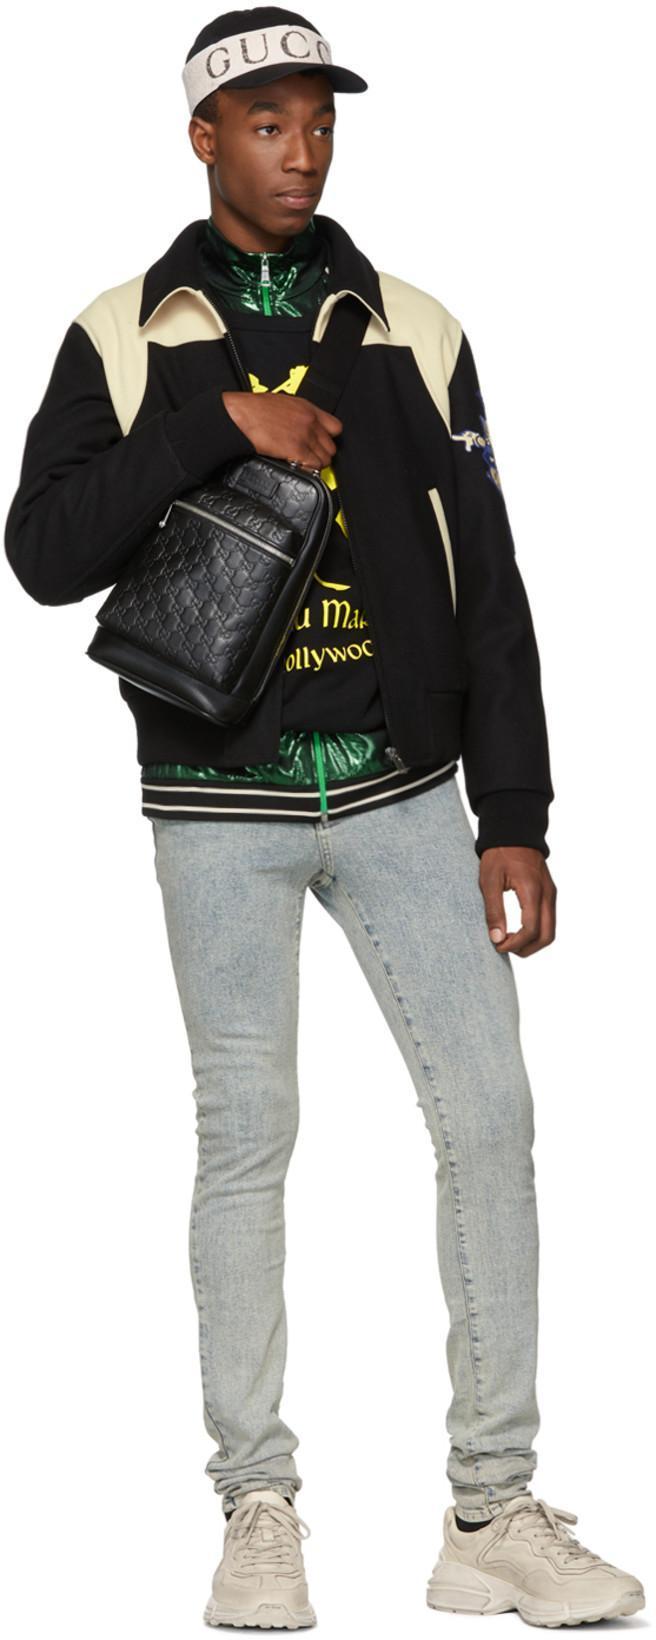 9a8637ea59e GUCCI Gucci Black Gg Single Strap Backpack in 1000 Black